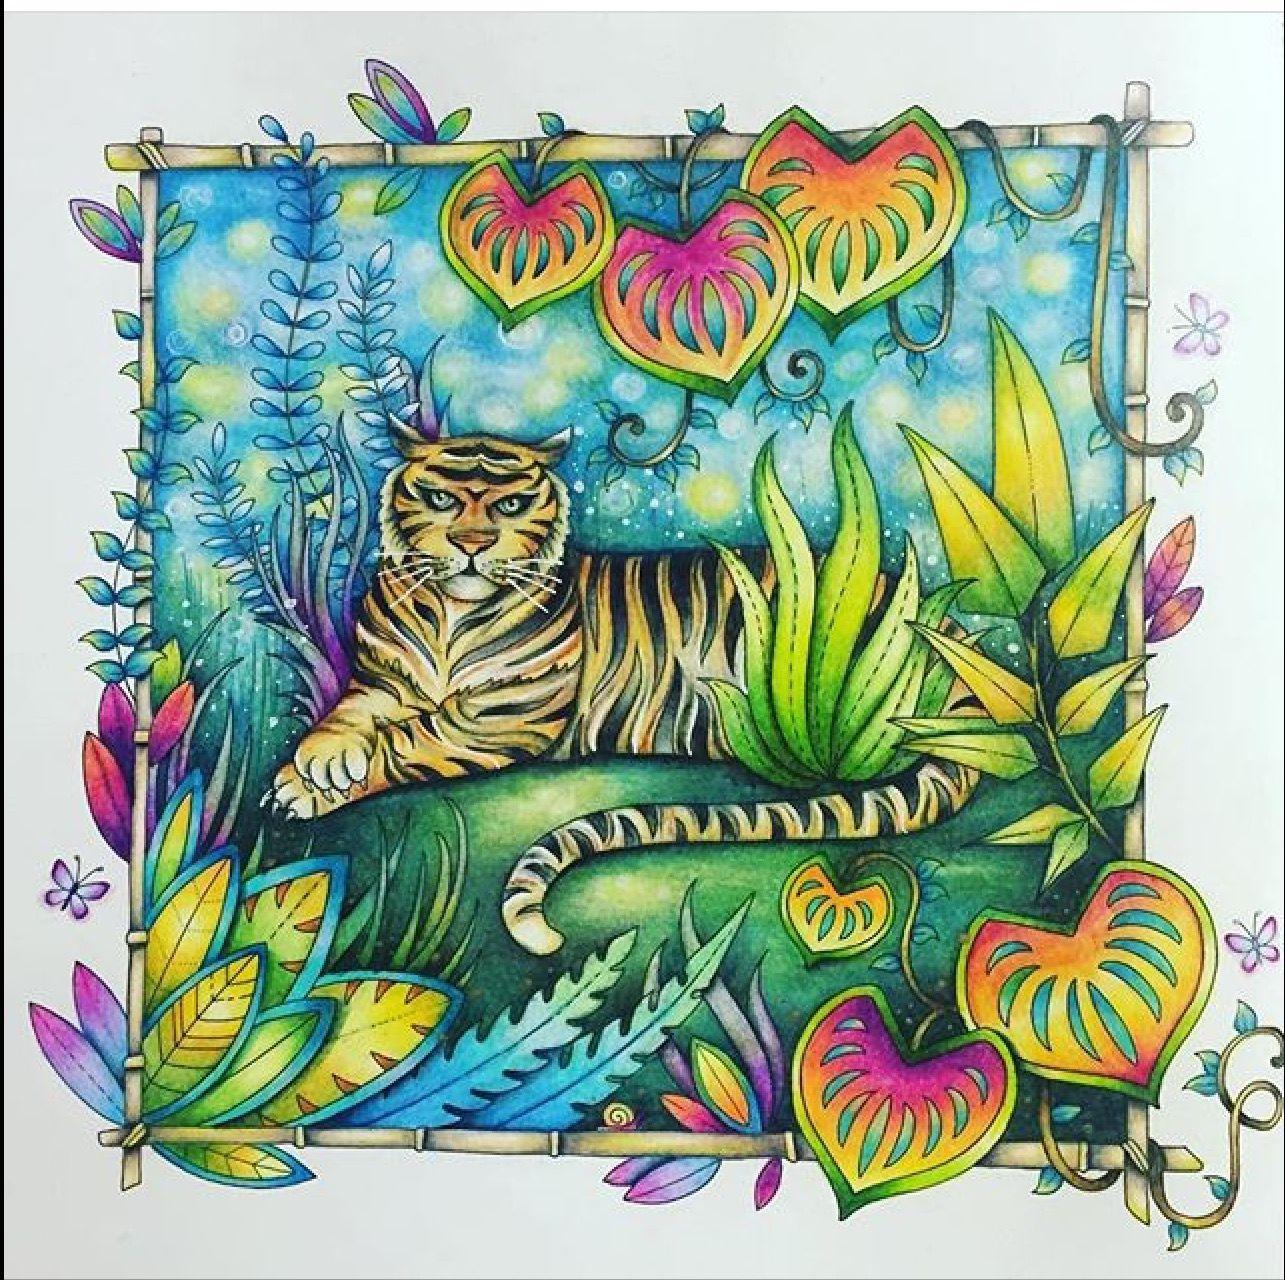 Pin von Ruth O\'Hara auf Lost Ocean / Magical Jungle | Pinterest ...